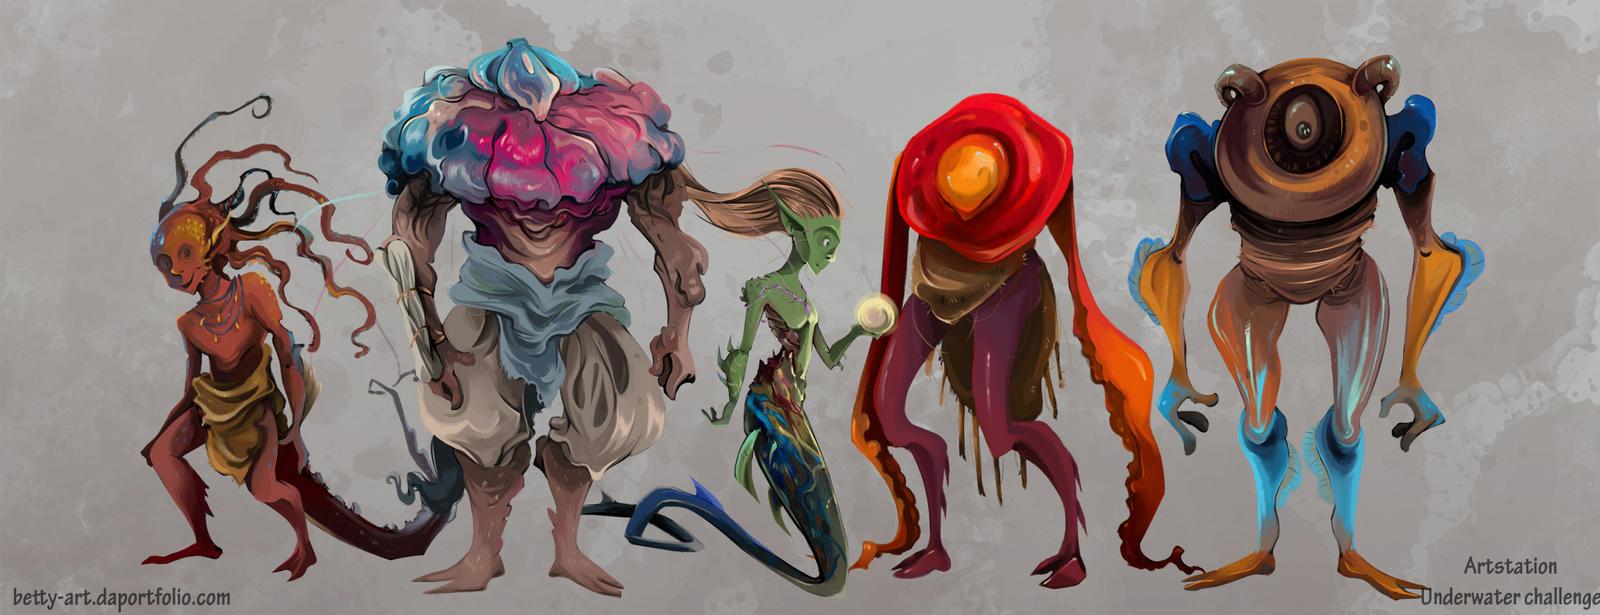 Artstation Underwater Challenge Line Up Humanoids